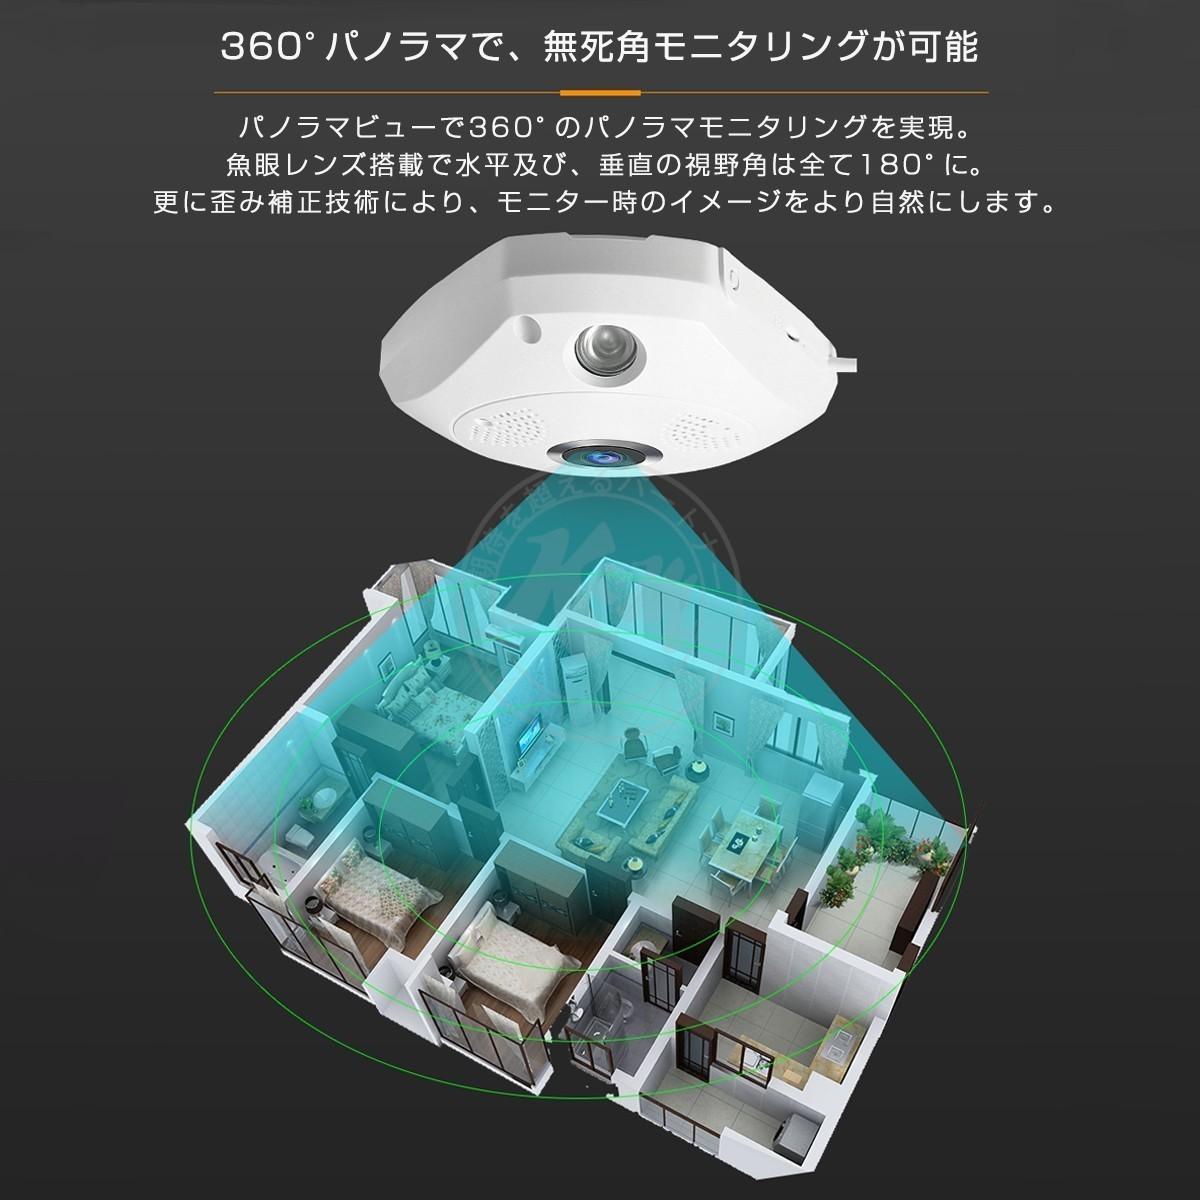 防犯カメラ 200万画素 C17Sの商品画像|4